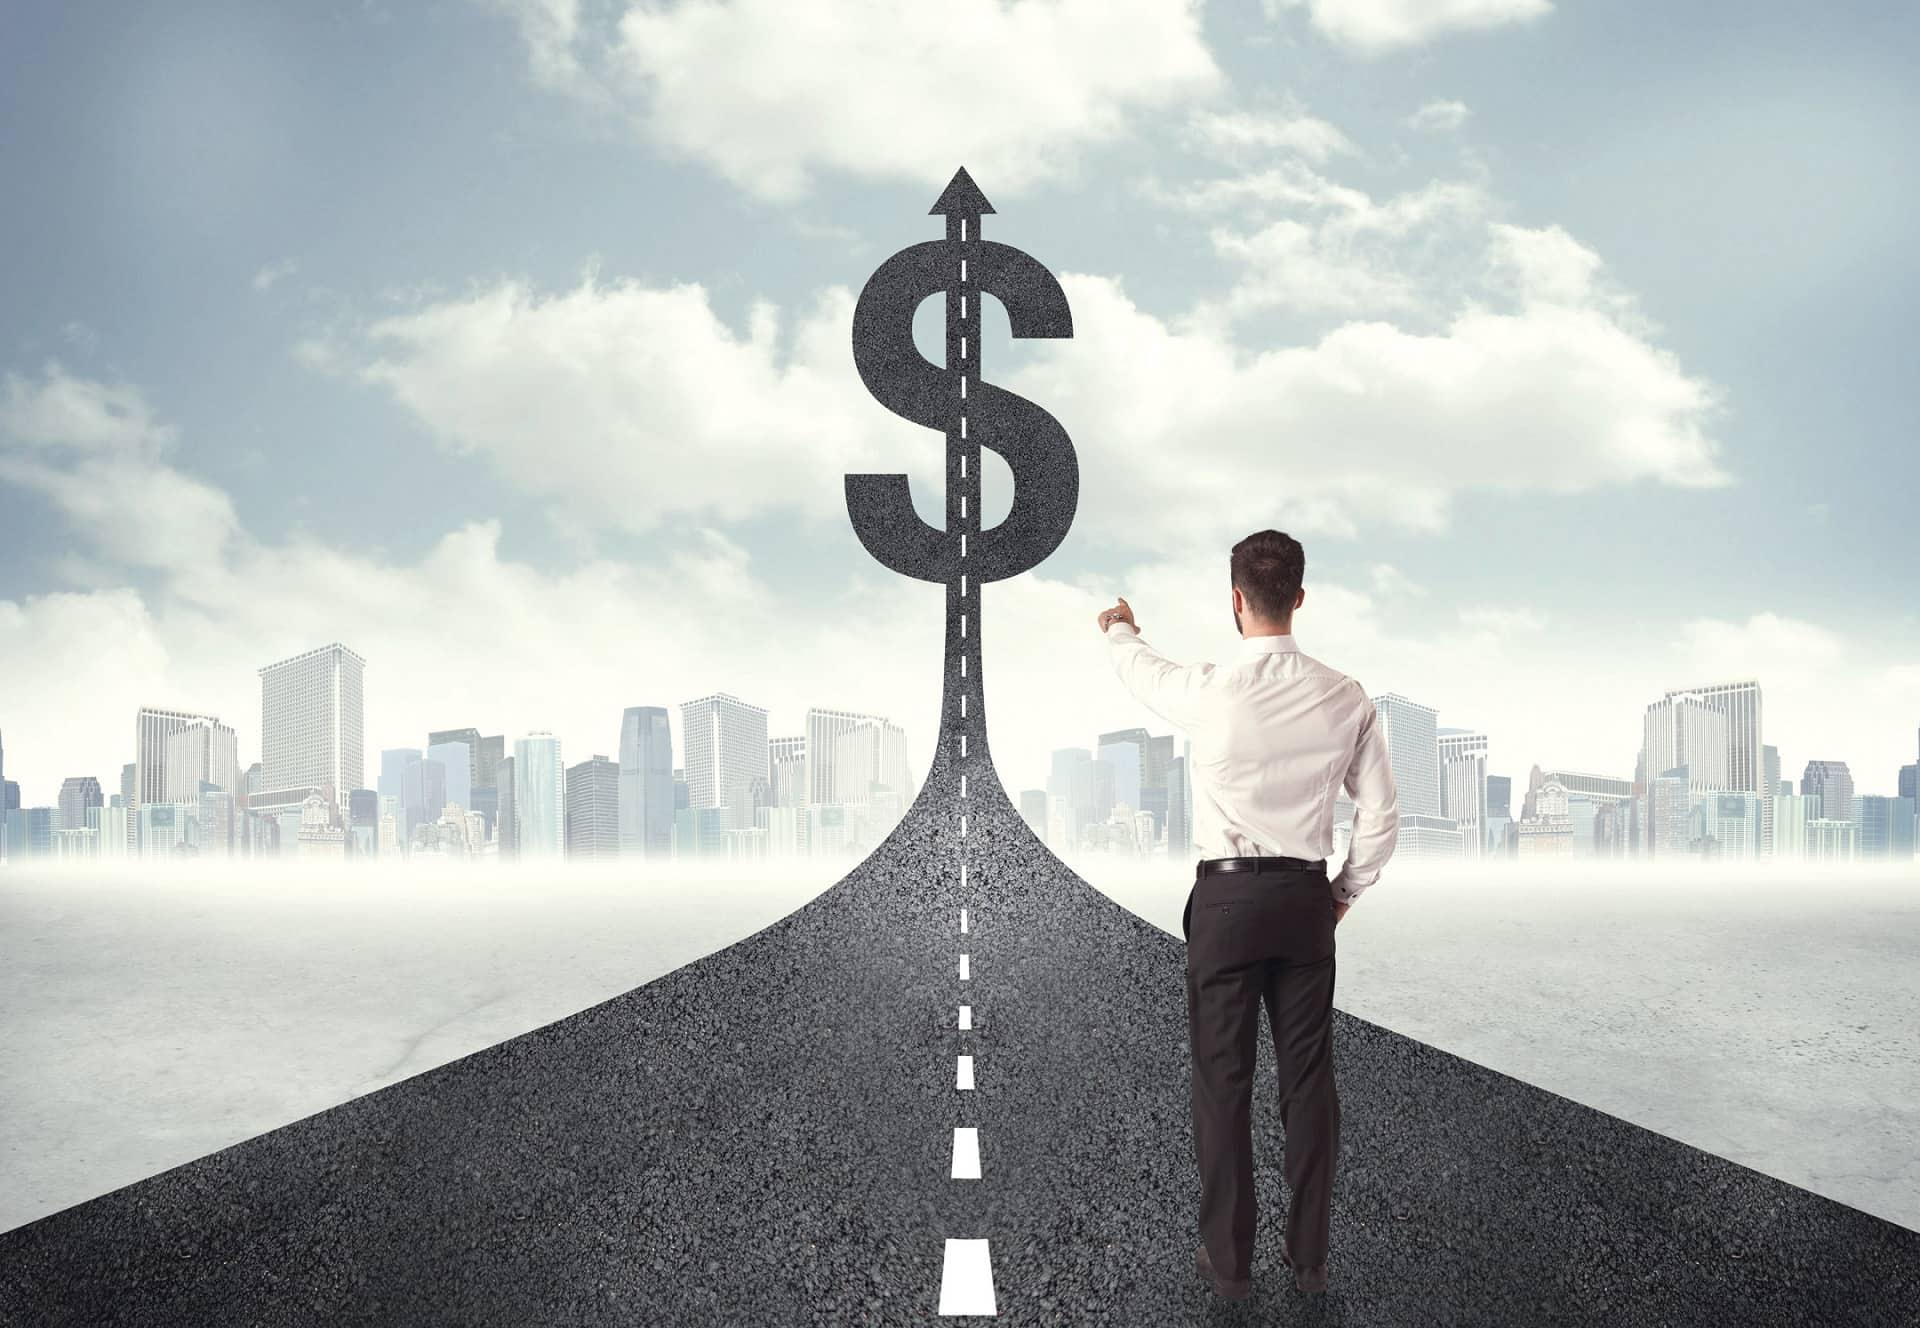 Kinh doanh gì với 100 triệu? 10 cách làm giàu với 100 triệu năm 2019